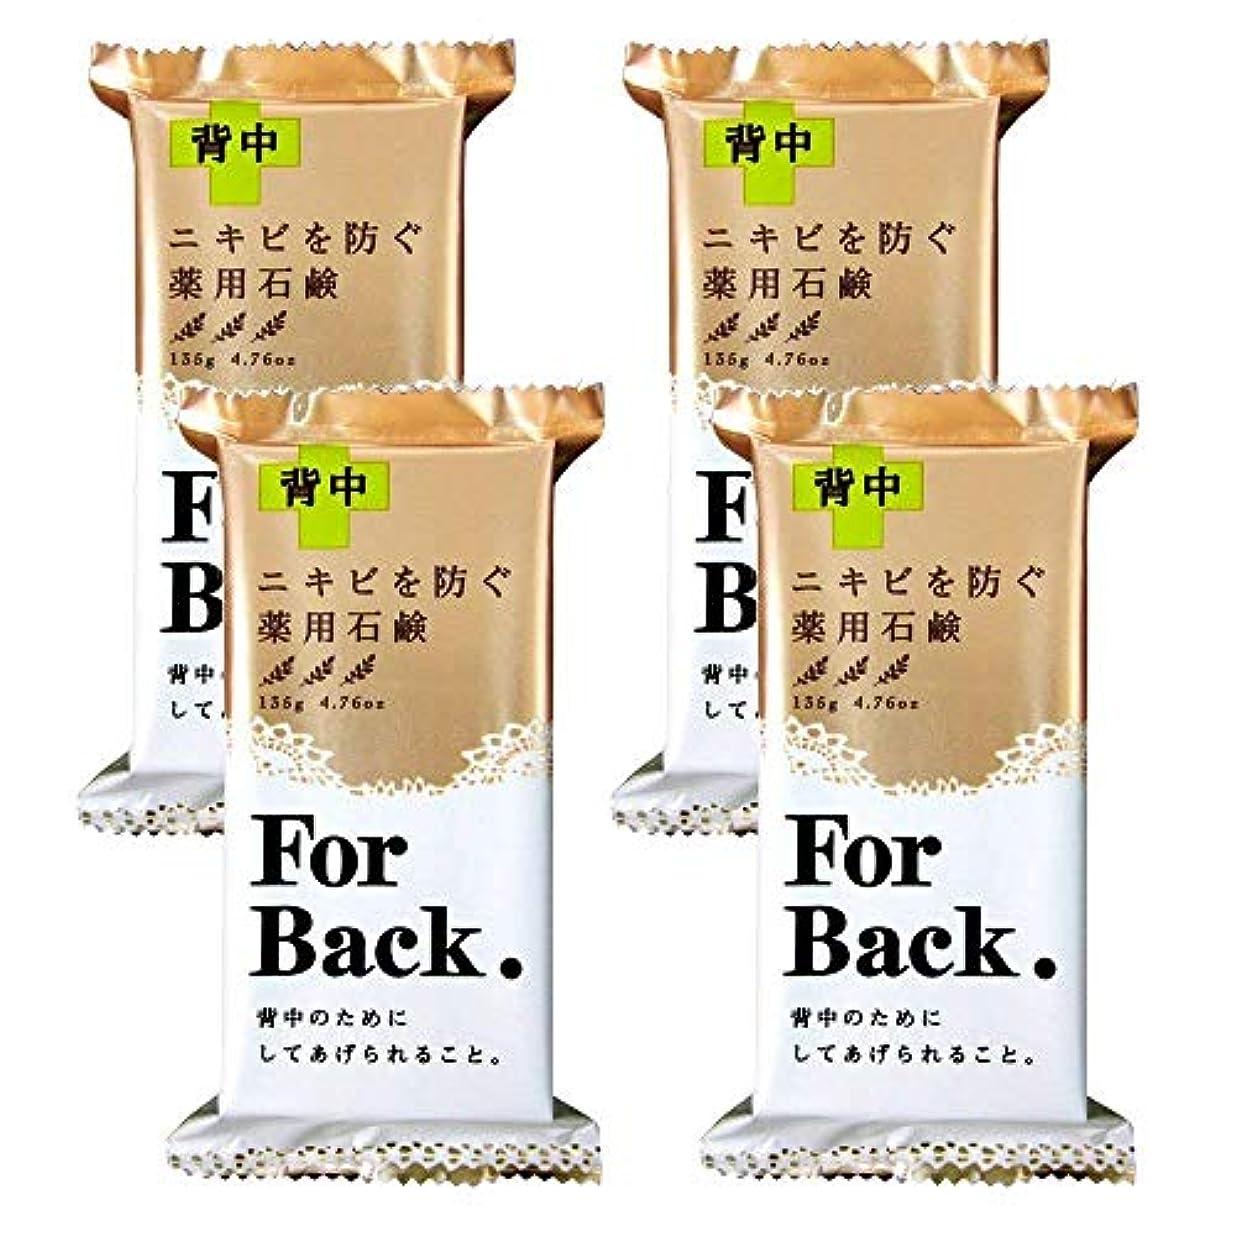 心理学始めるスキップ薬用石鹸 ForBack 135g×4個セット